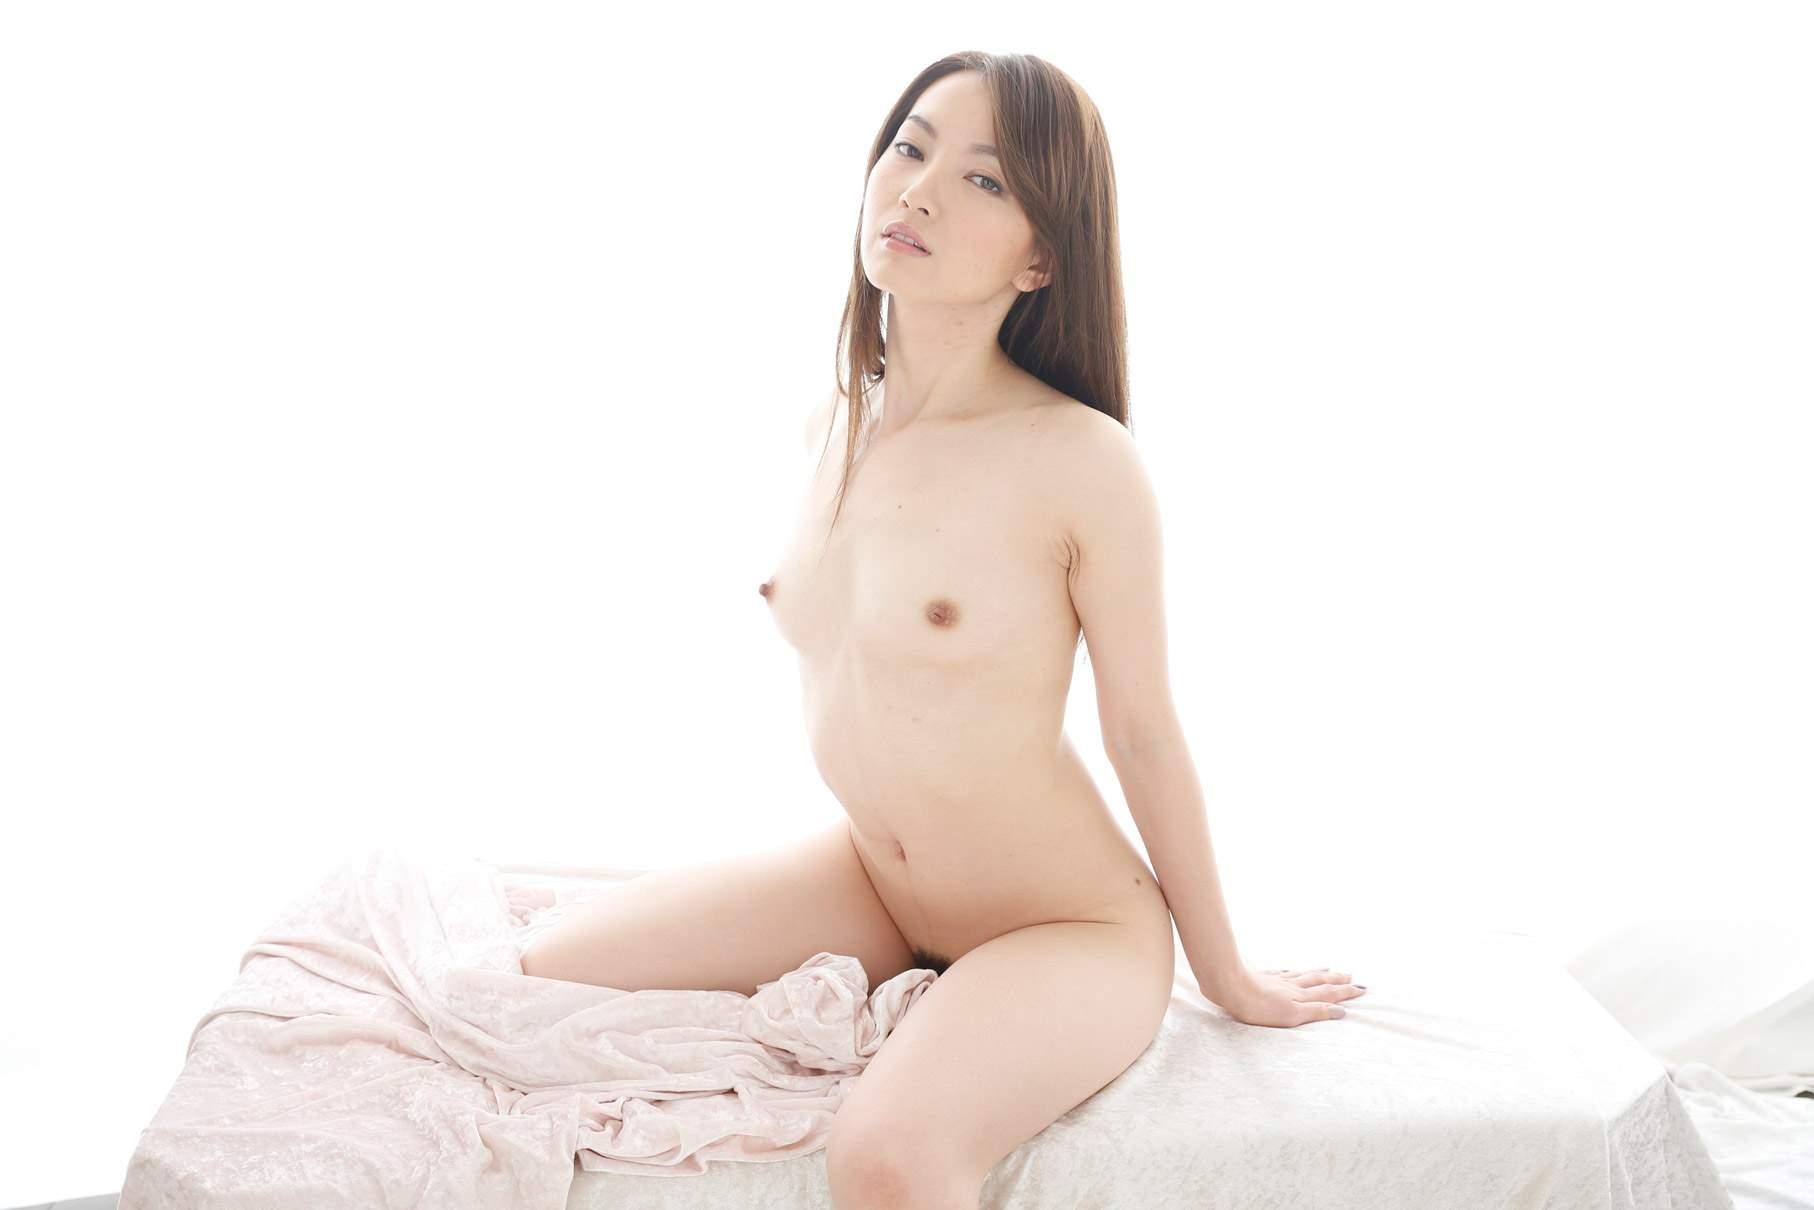 葉山瞳(中川美鈴) 初裏デビュー画像 63